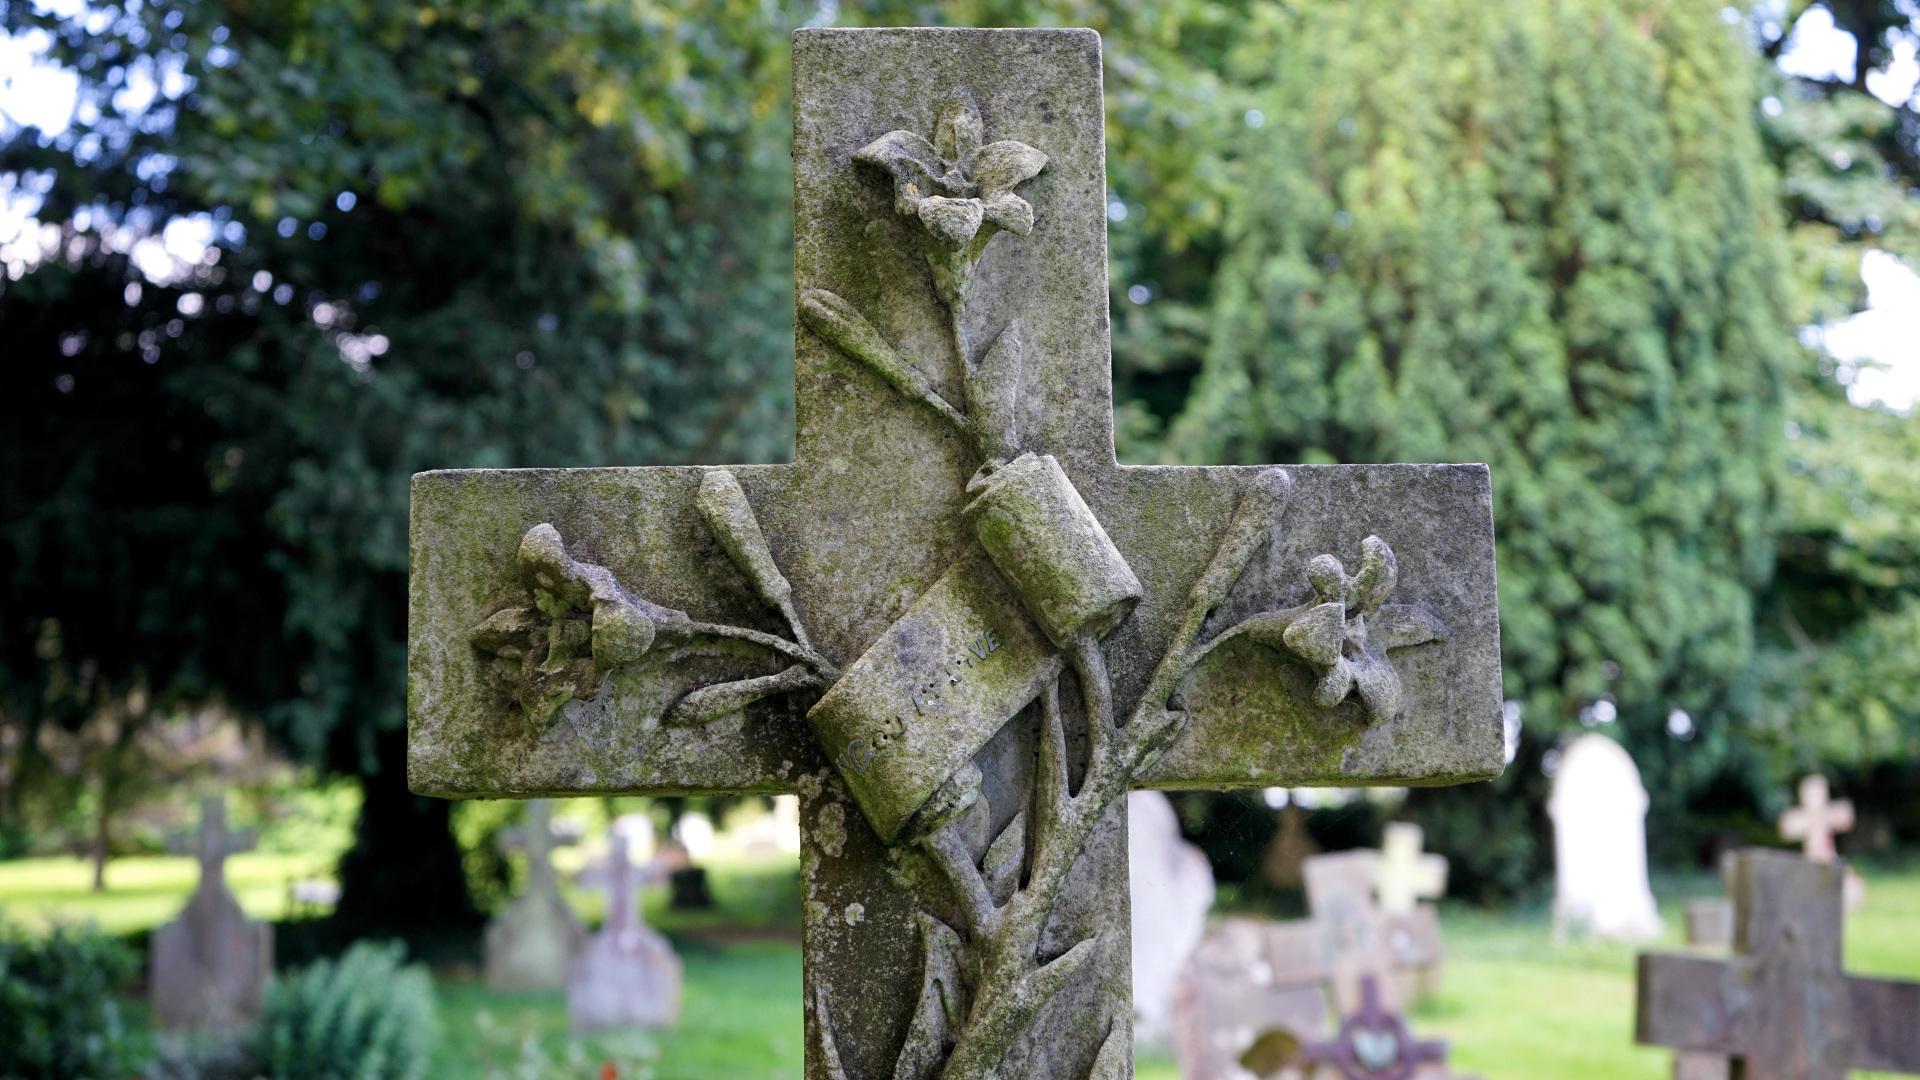 Despues de morir al cuerpo le pasan estas 10 cosas 1920